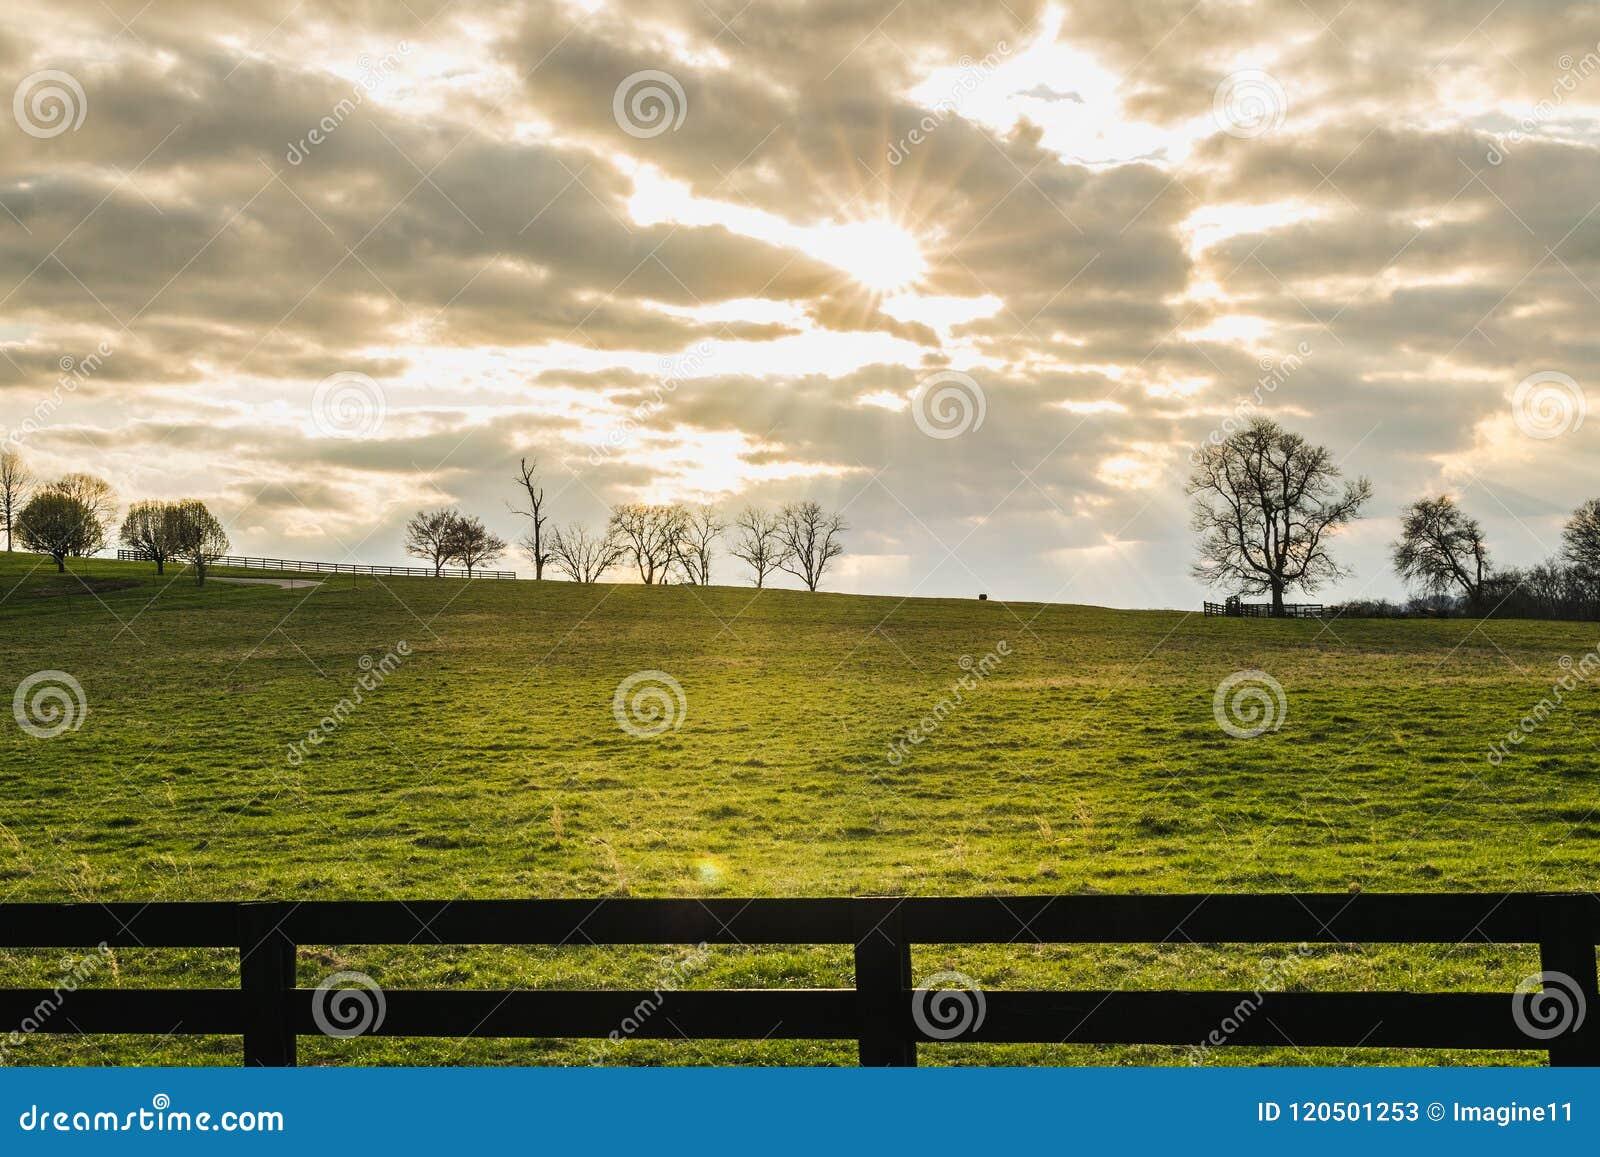 Ήλιος που λάμπει μέσω των σύννεφων πέρα από έναν πράσινο τομέα σε αργά το απόγευμα